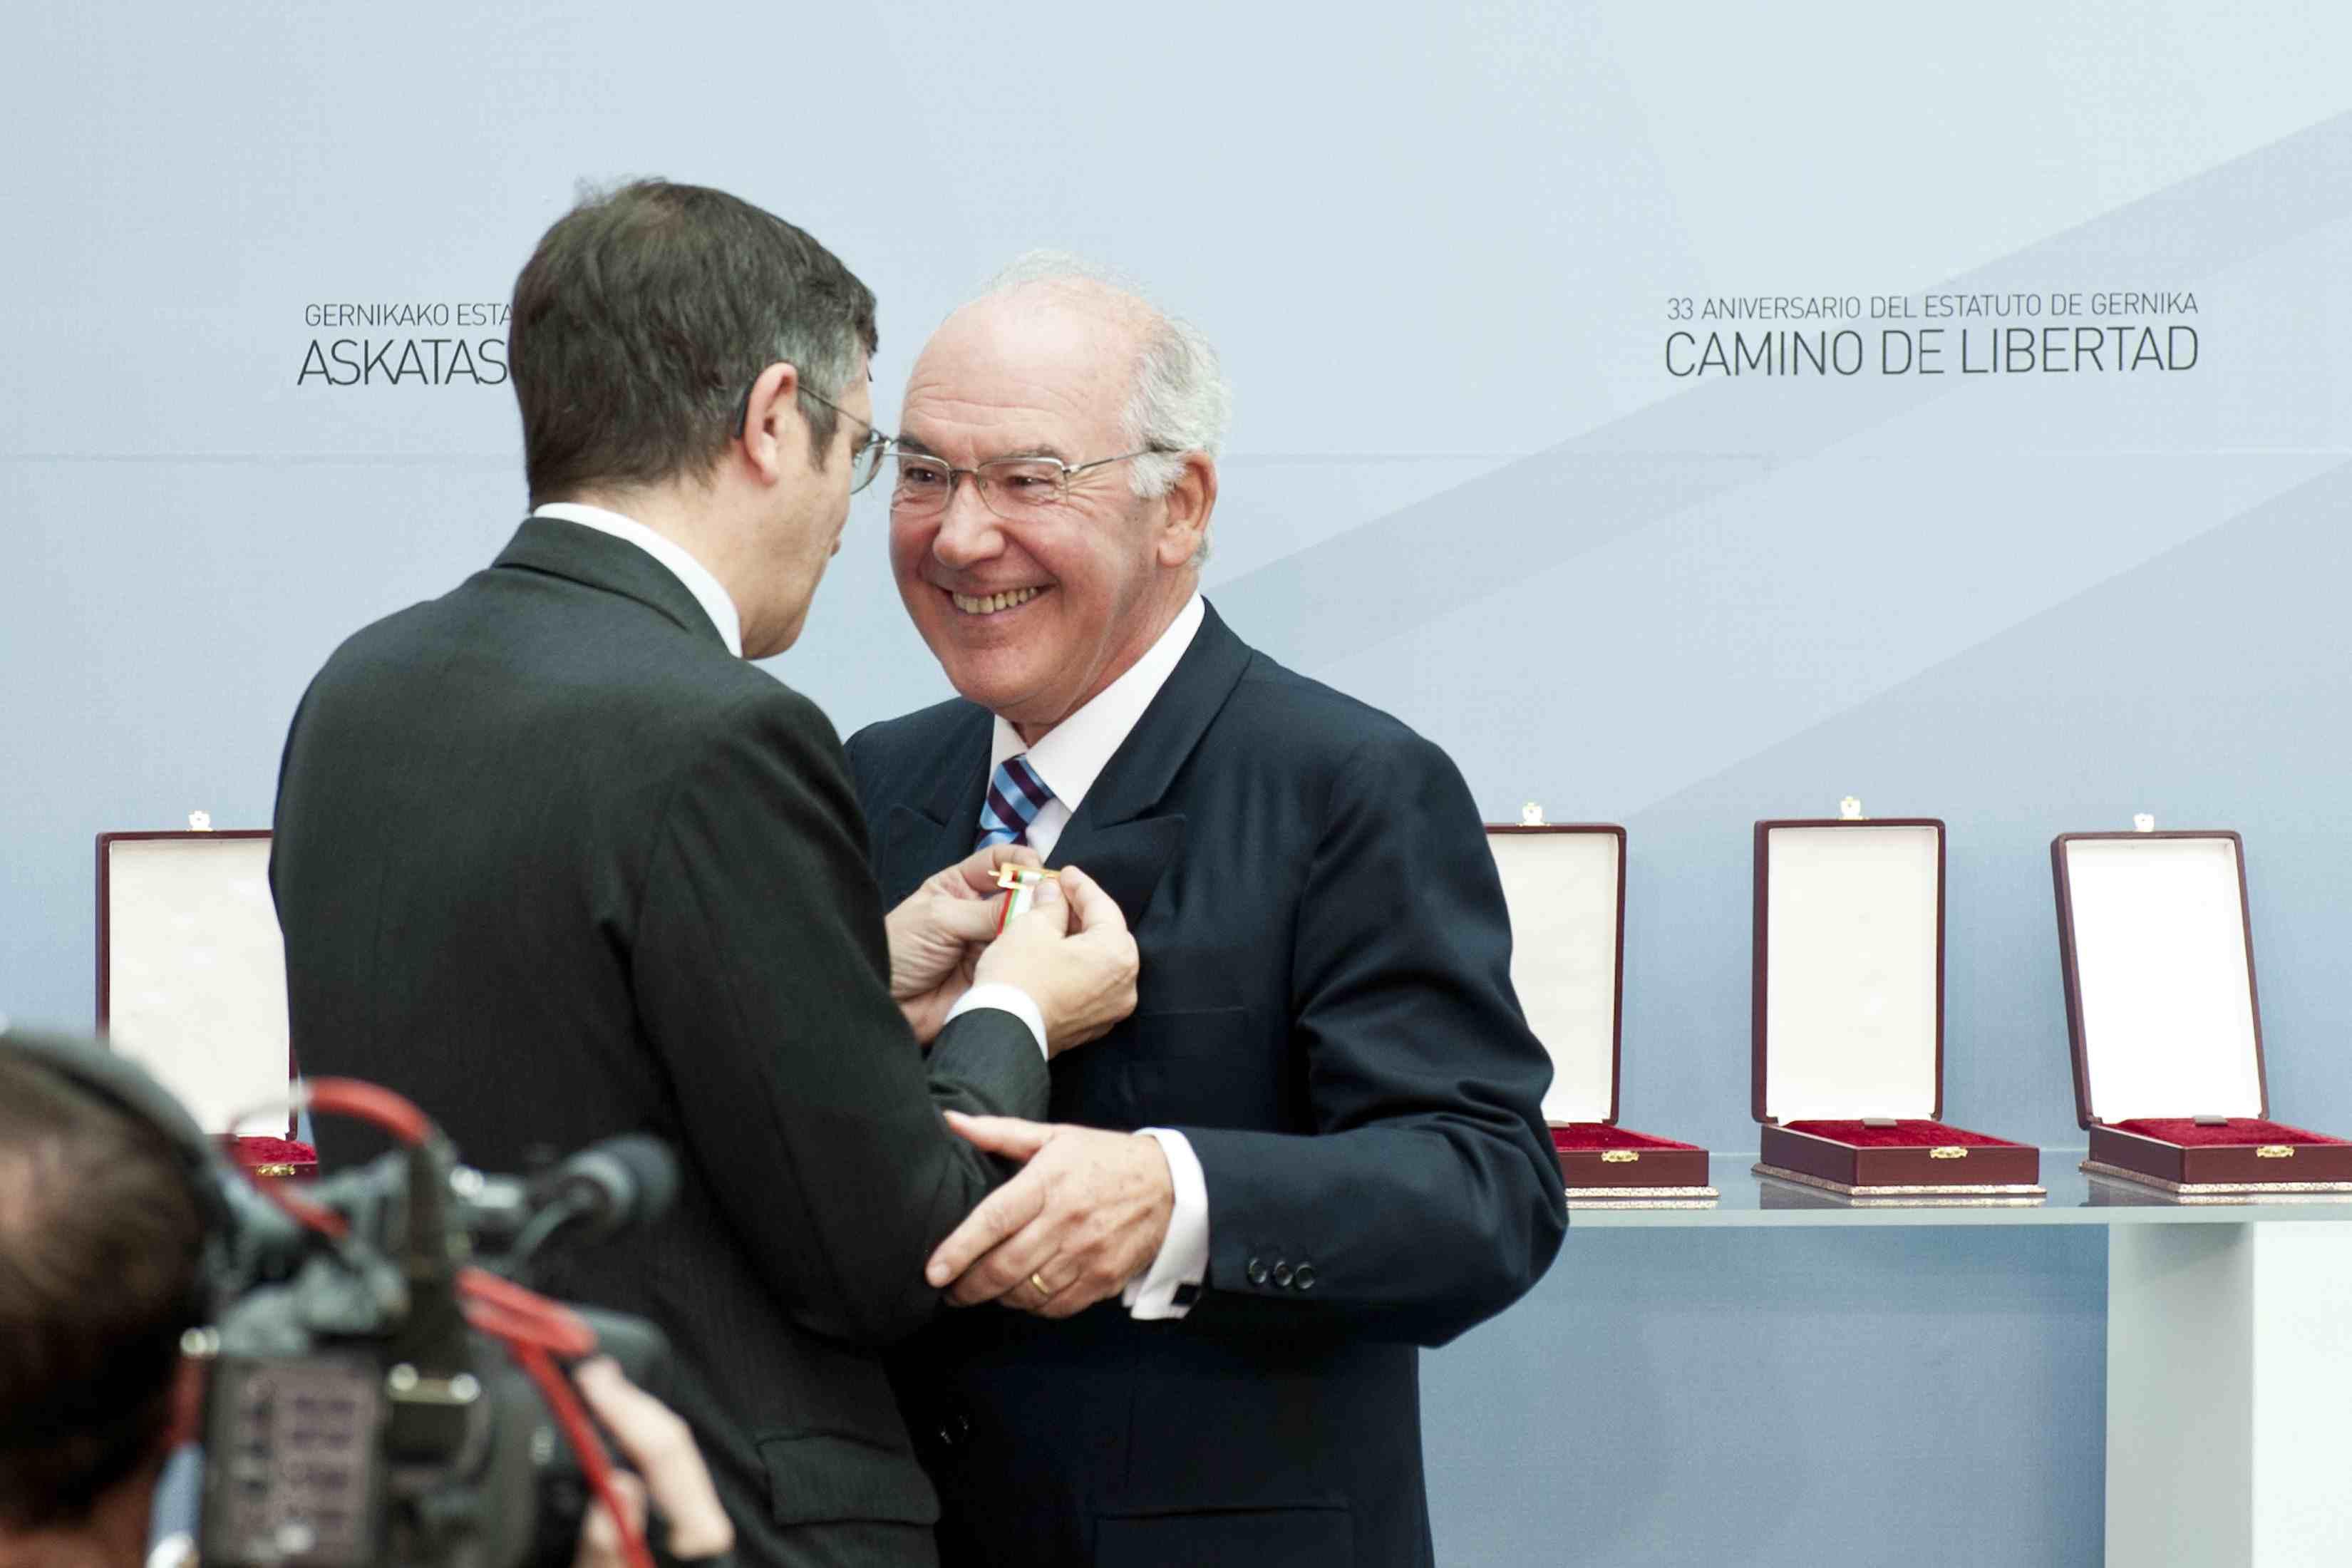 El Lehendakari, Patxi López, coloca la Cruz del Árbol de Gernika al ex-lehendakari José Antonio Ardanza